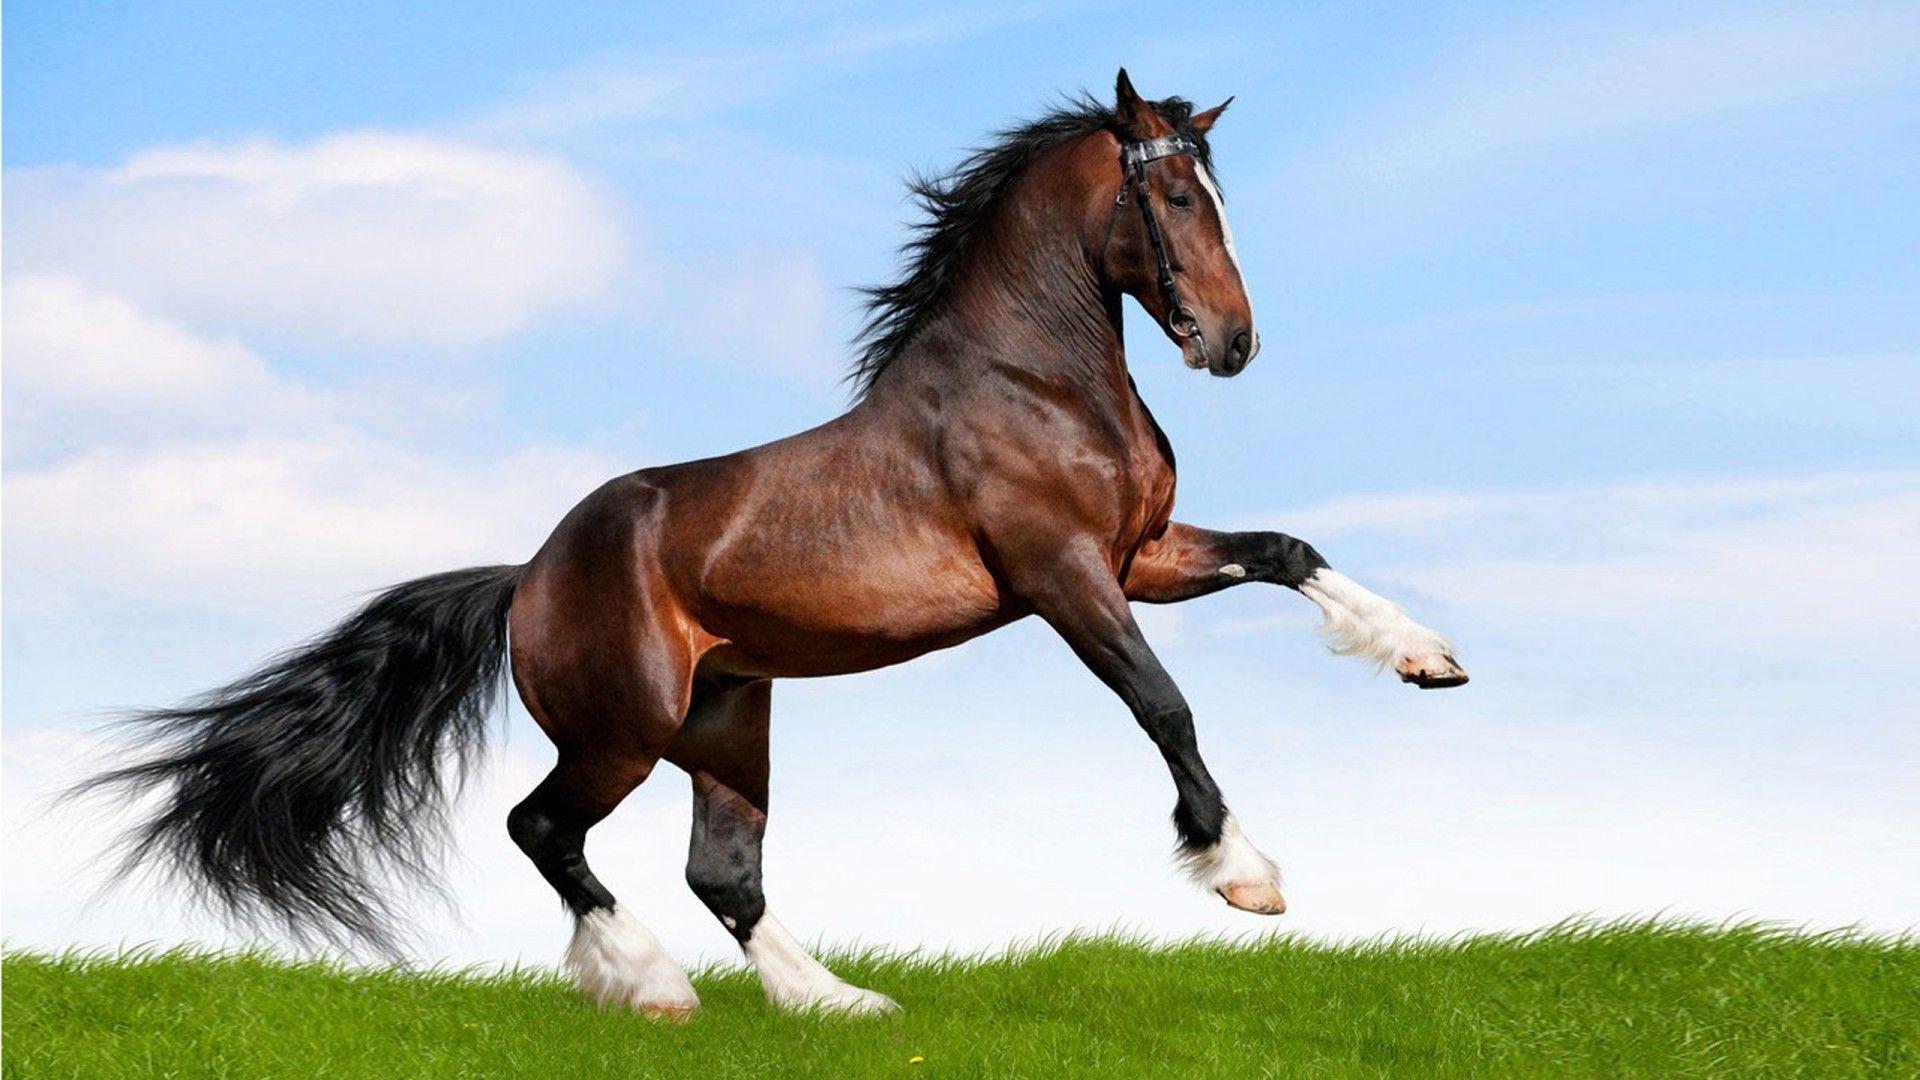 ม้า สัตว์เลี้ยงที่น่าทึ่ง สามารถเรียนรู้ได้ดี